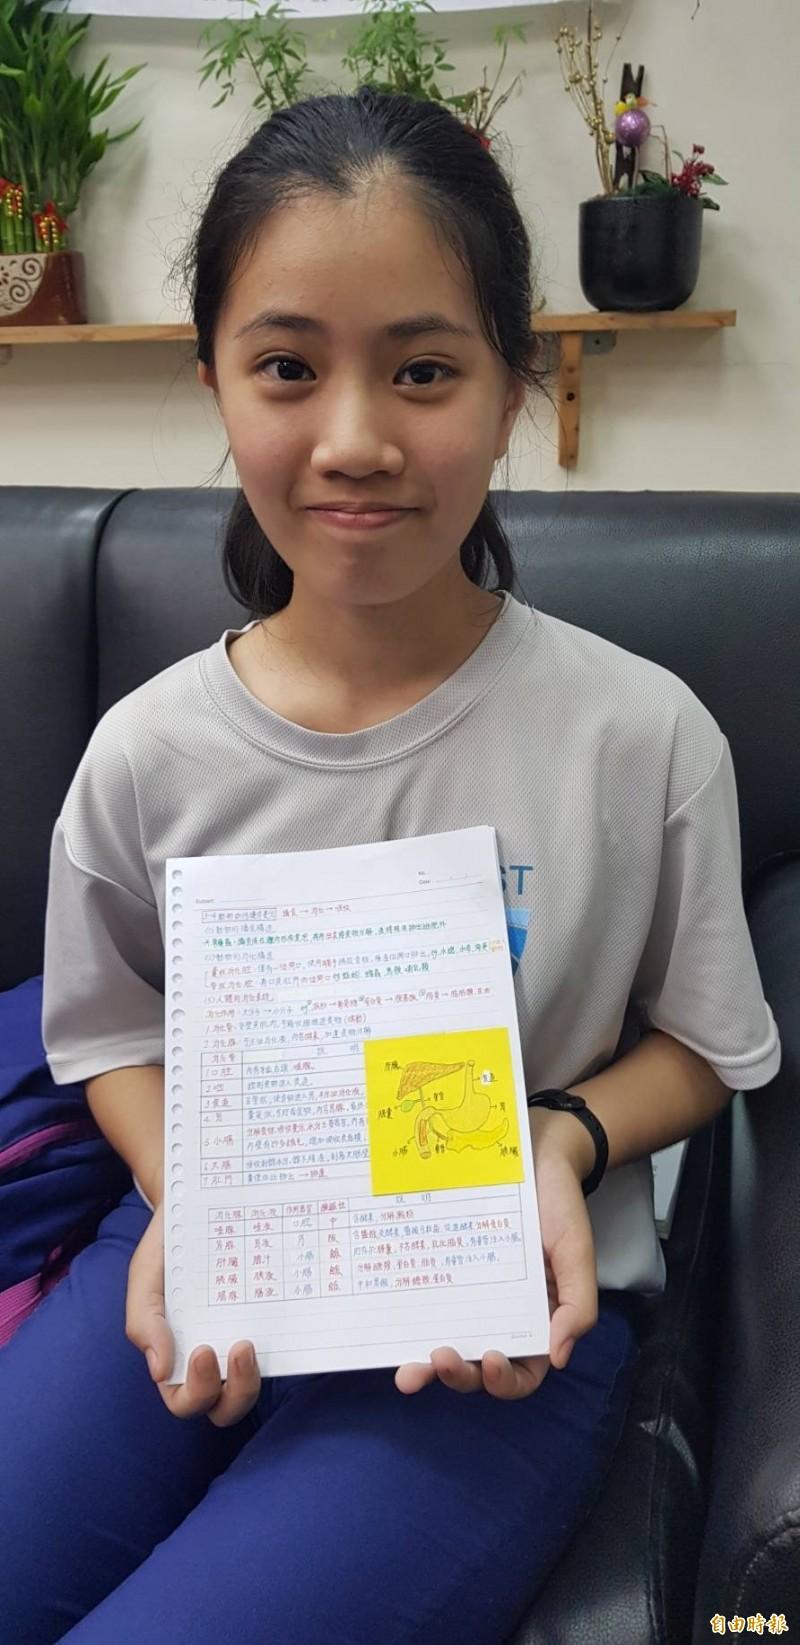 基隆市百福國中女學生董珈甄整理筆記有一套,被老師同學戲稱為「筆記公主」,字跡工整整理重點輕重有別,她的筆記在同學間十分搶手,她也樂於分享。(記者俞肇福攝)